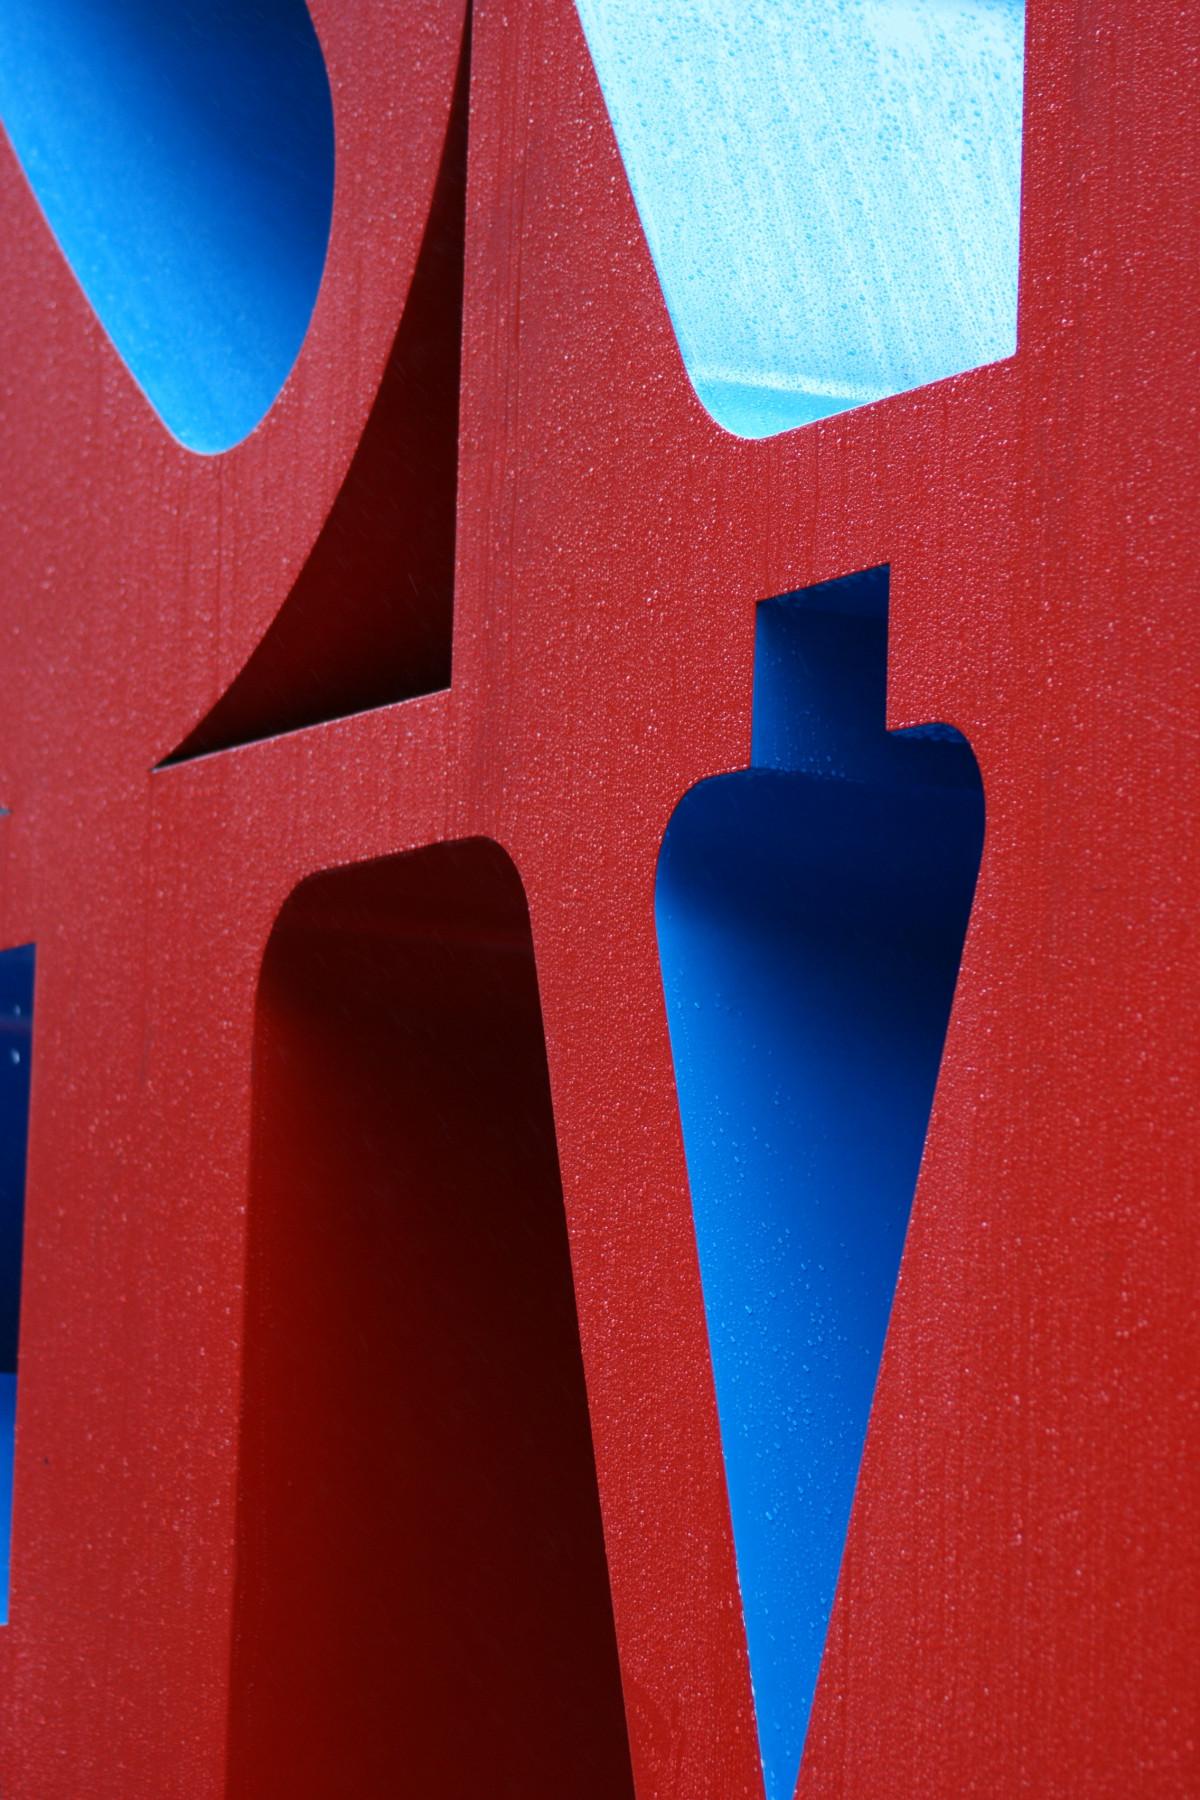 Kostenlose foto wei muster linie farbe blau kreis for Innenarchitektur studium new york